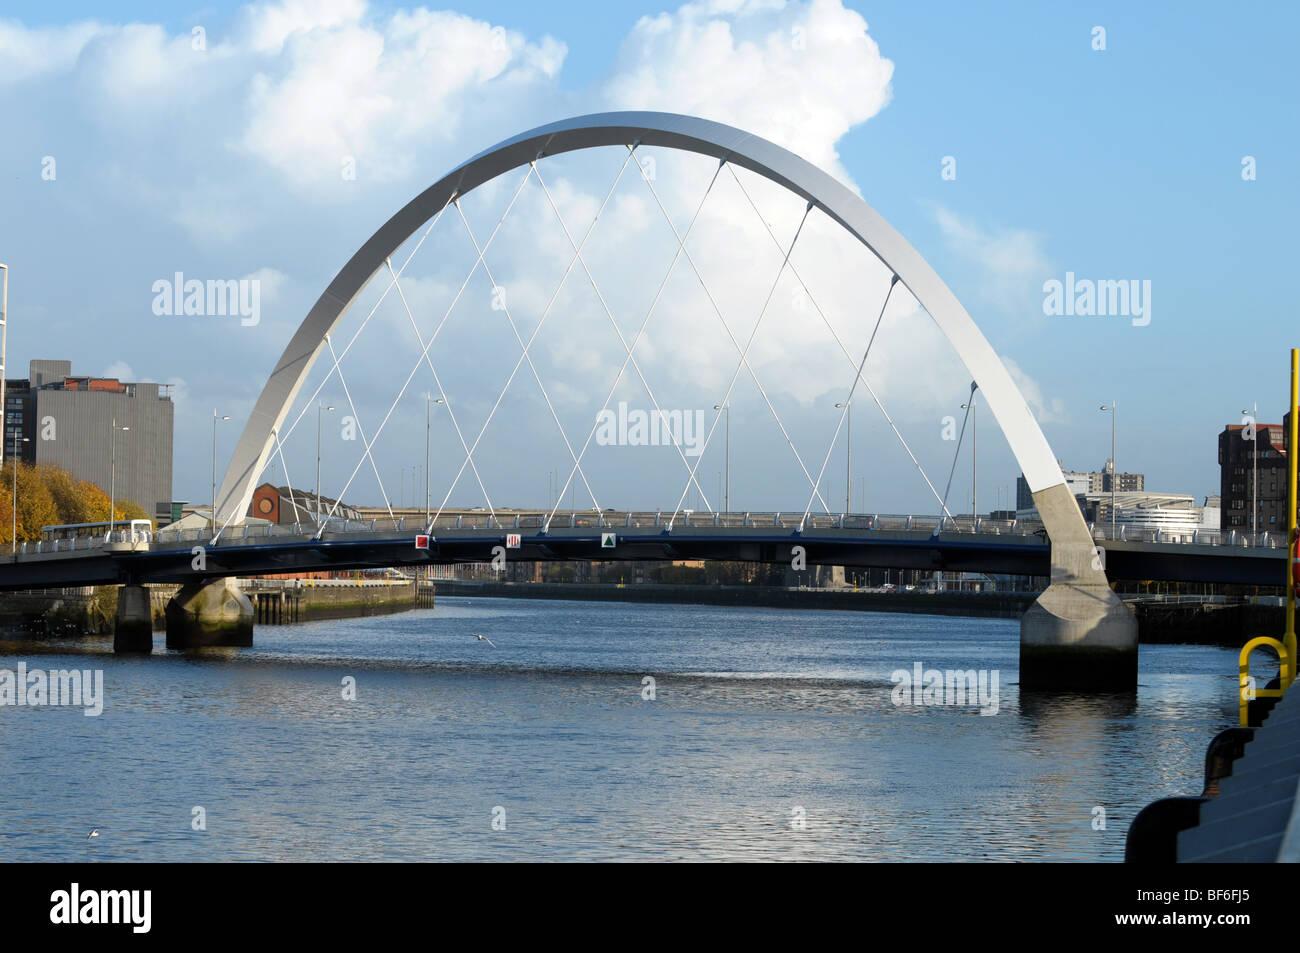 Glasgows Clyde Arc Brücke. Besser bekannt als die Squinty-Brücke. Stockfoto